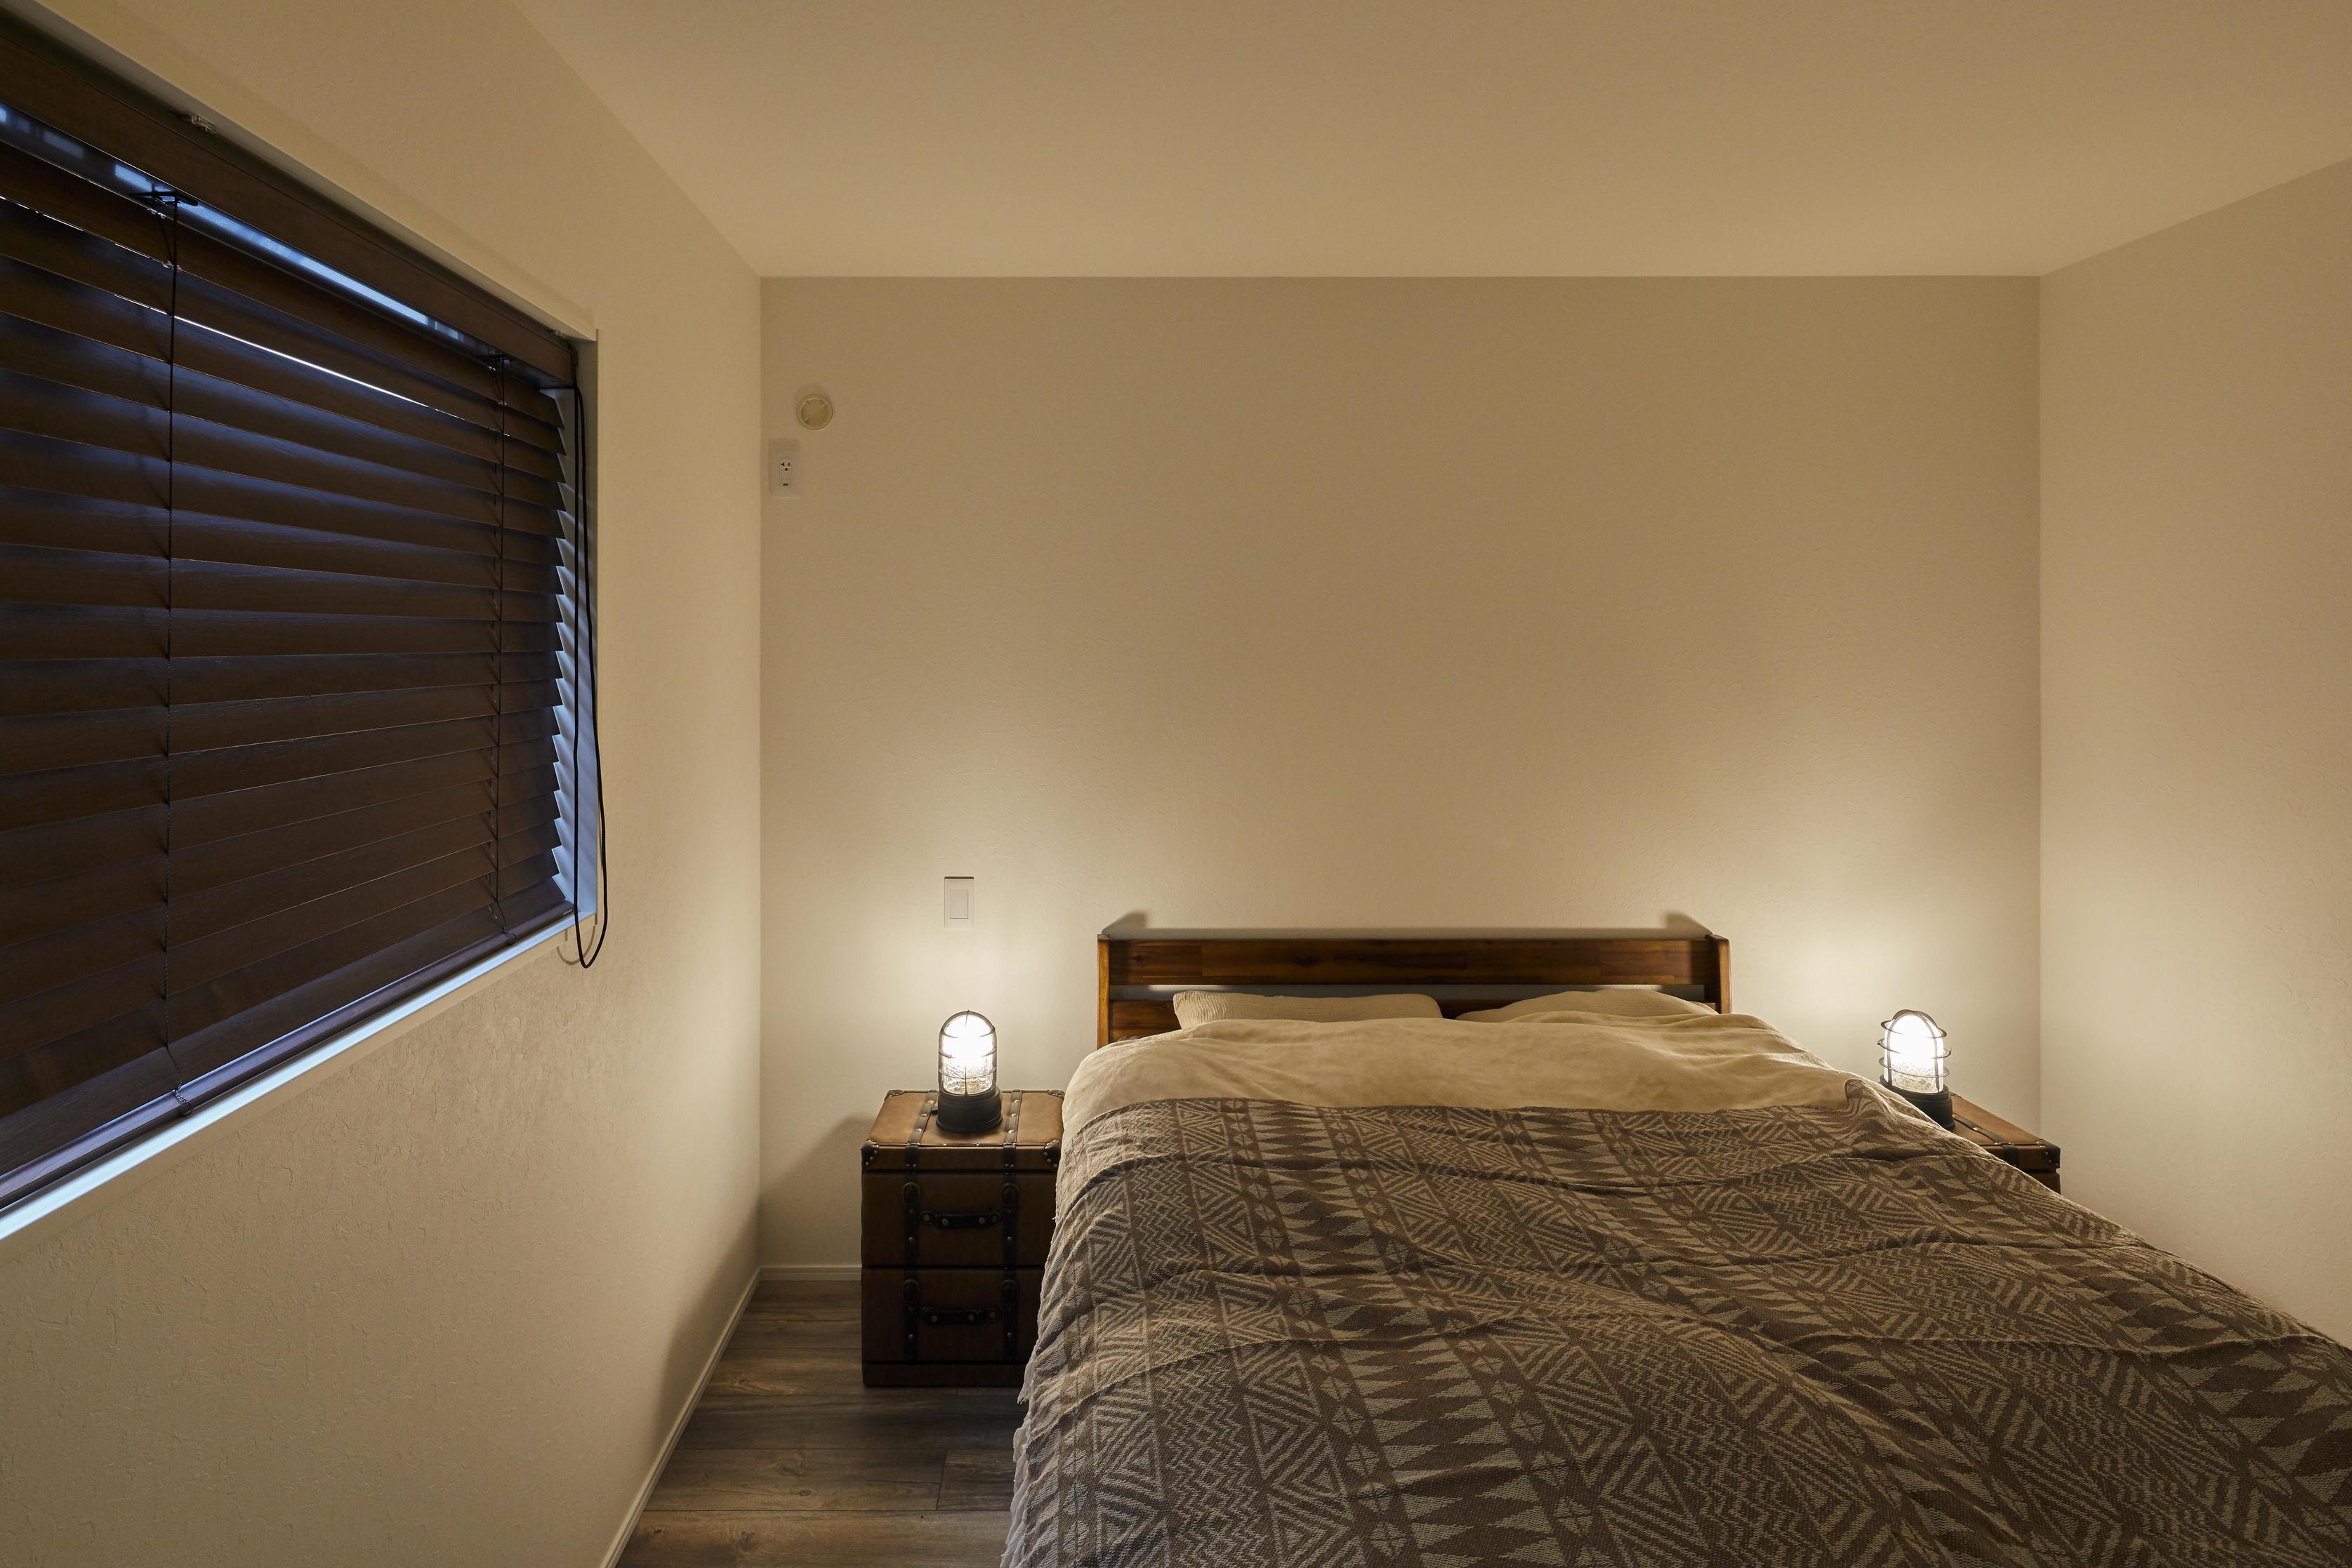 落ち着いた照明計画の主寝室